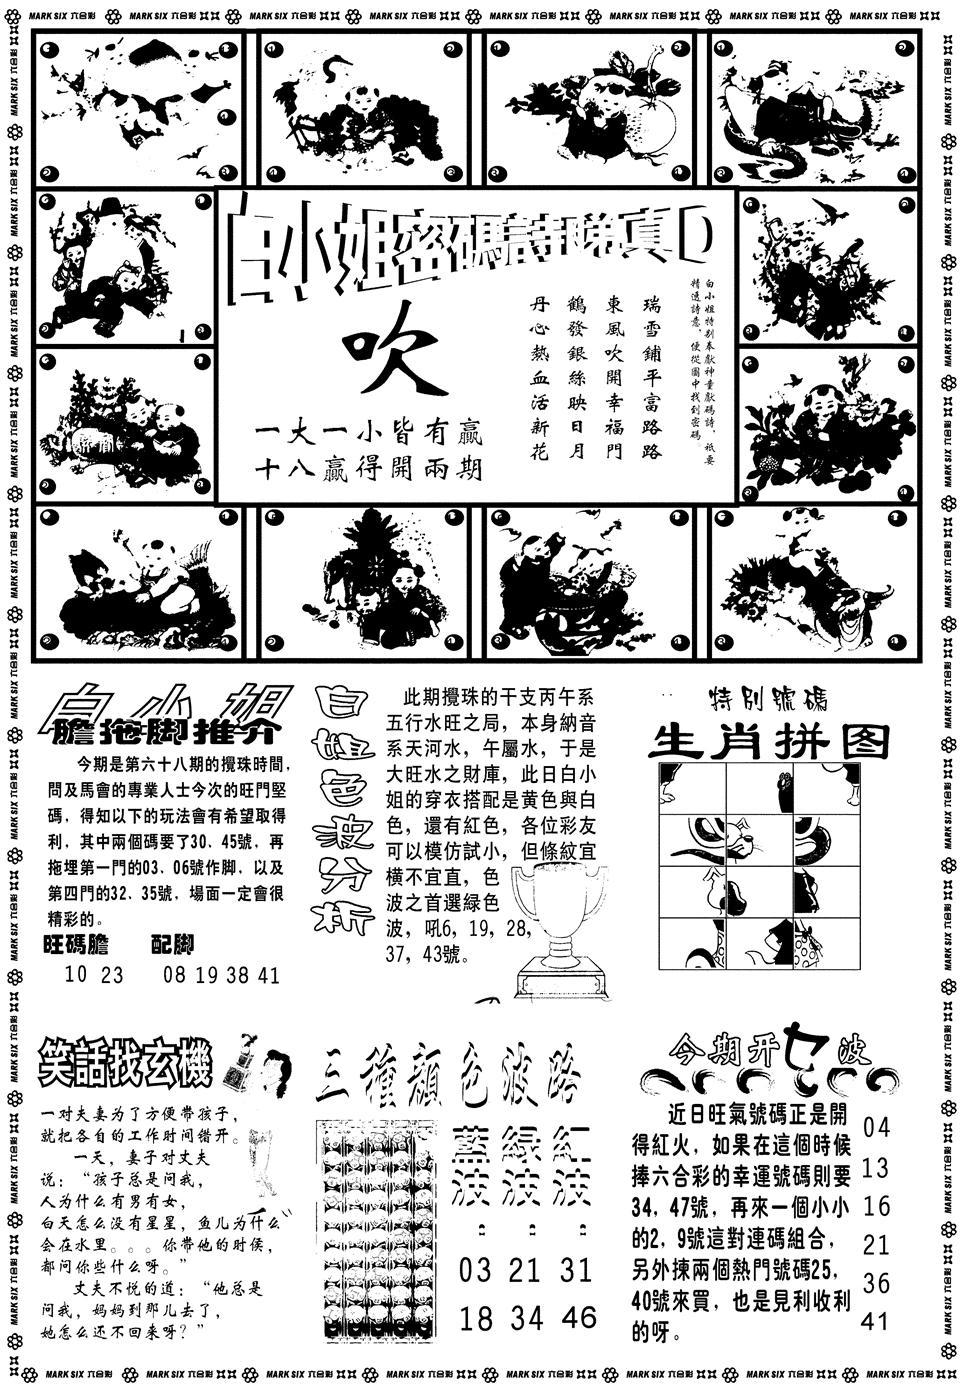 068期白小姐祺袍B(黑白)